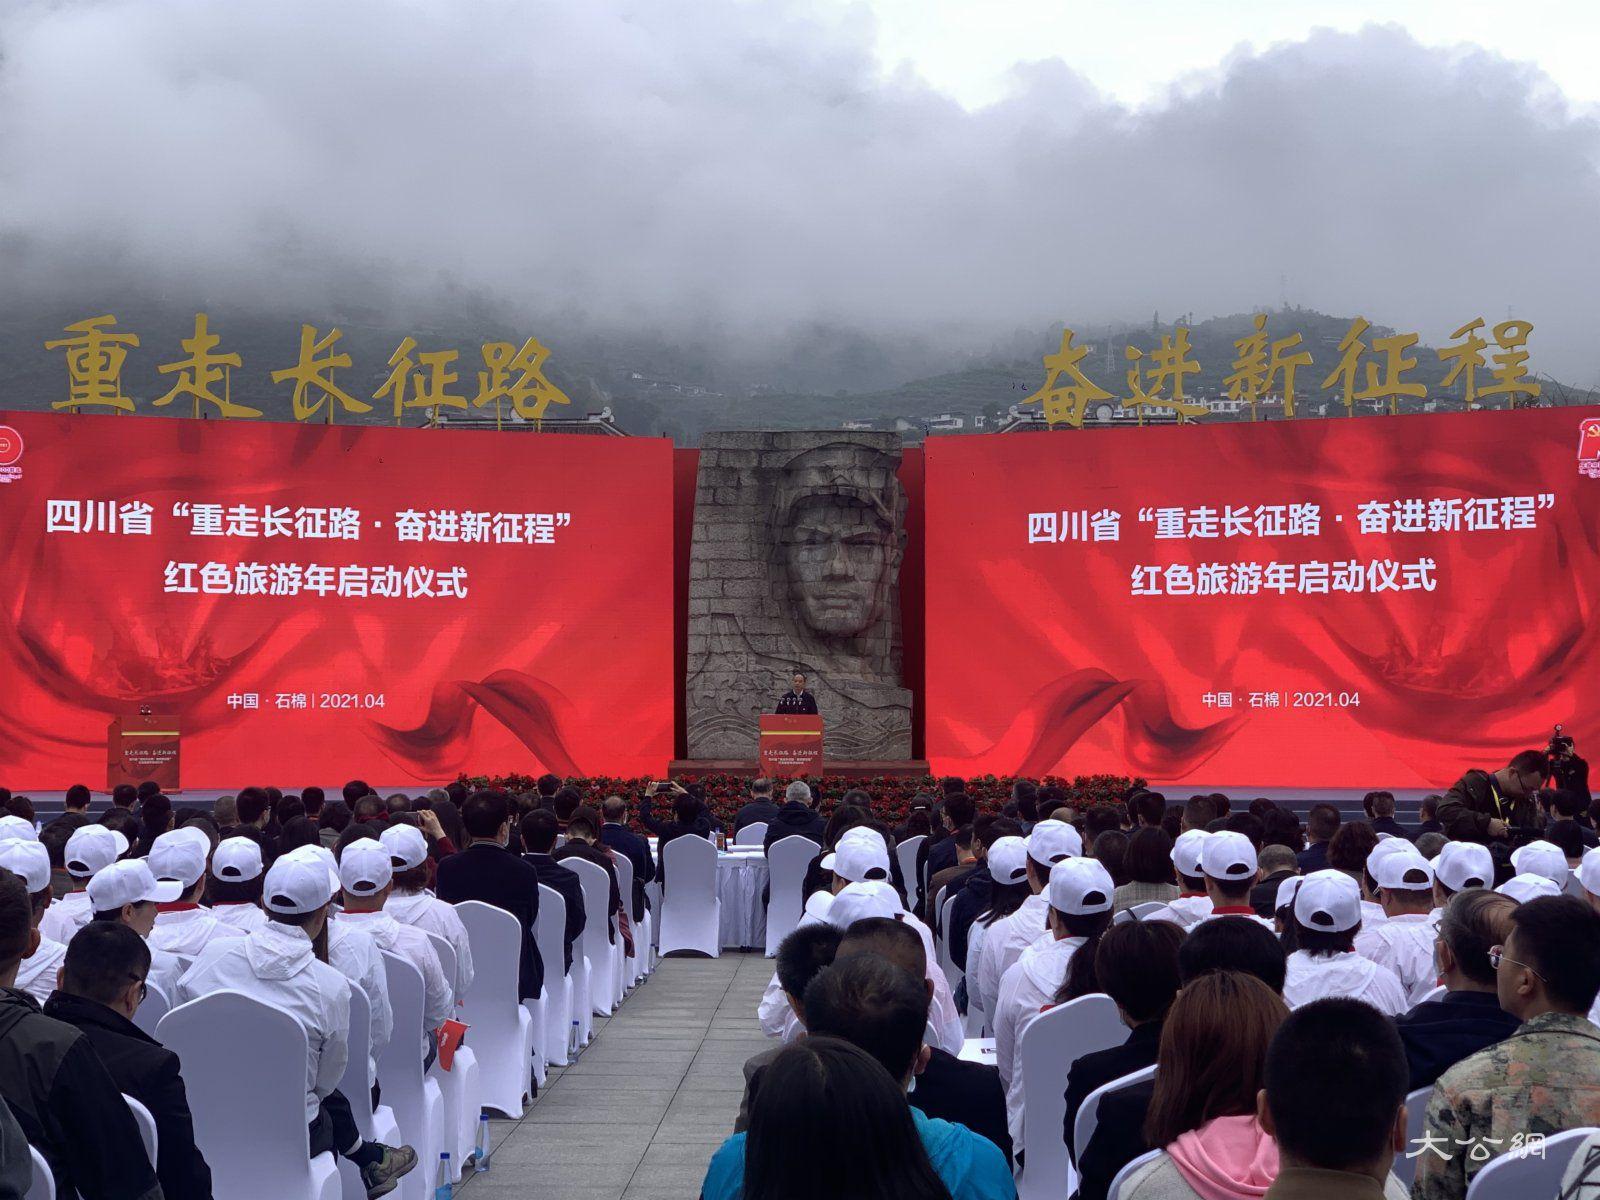 四川啟動紅色旅遊年 11條線路講好紅色故事